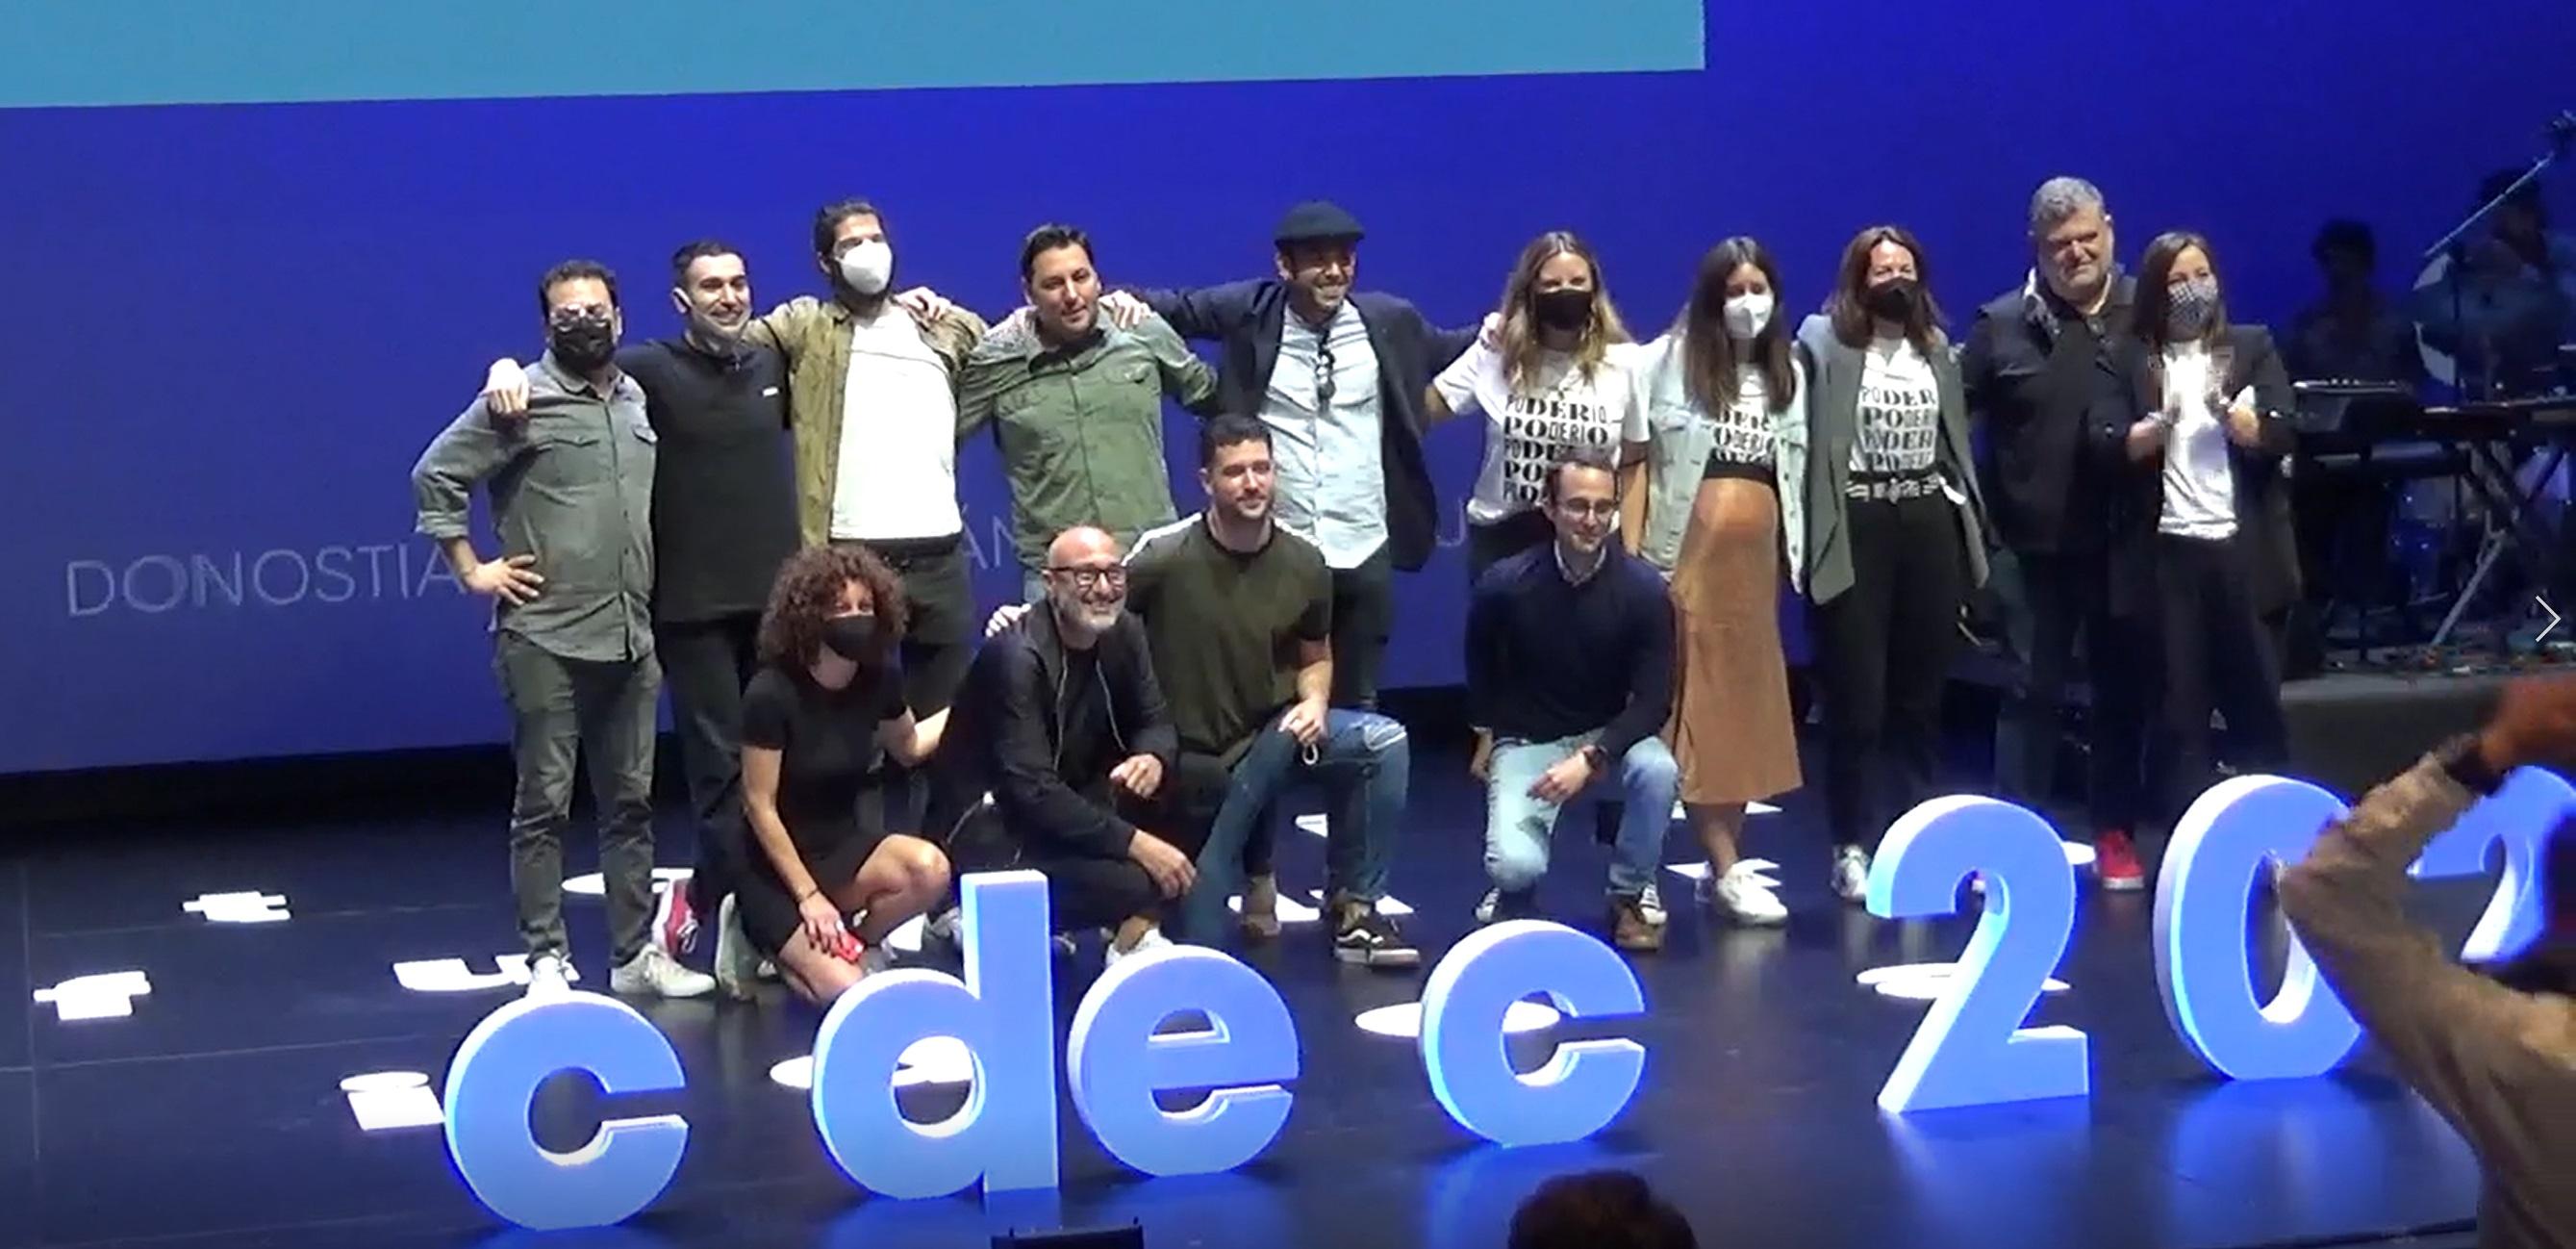 https://www.programapublicidad.com/wp-content/uploads/2021/06/Juan-Pedro-Moreno-Javier-Senovilla-director-creativo-Gran-Premio-Ogilvy-Lola-Cruzcampo-c-de-c-2021-cdec2021programapublicidad-1.jpg